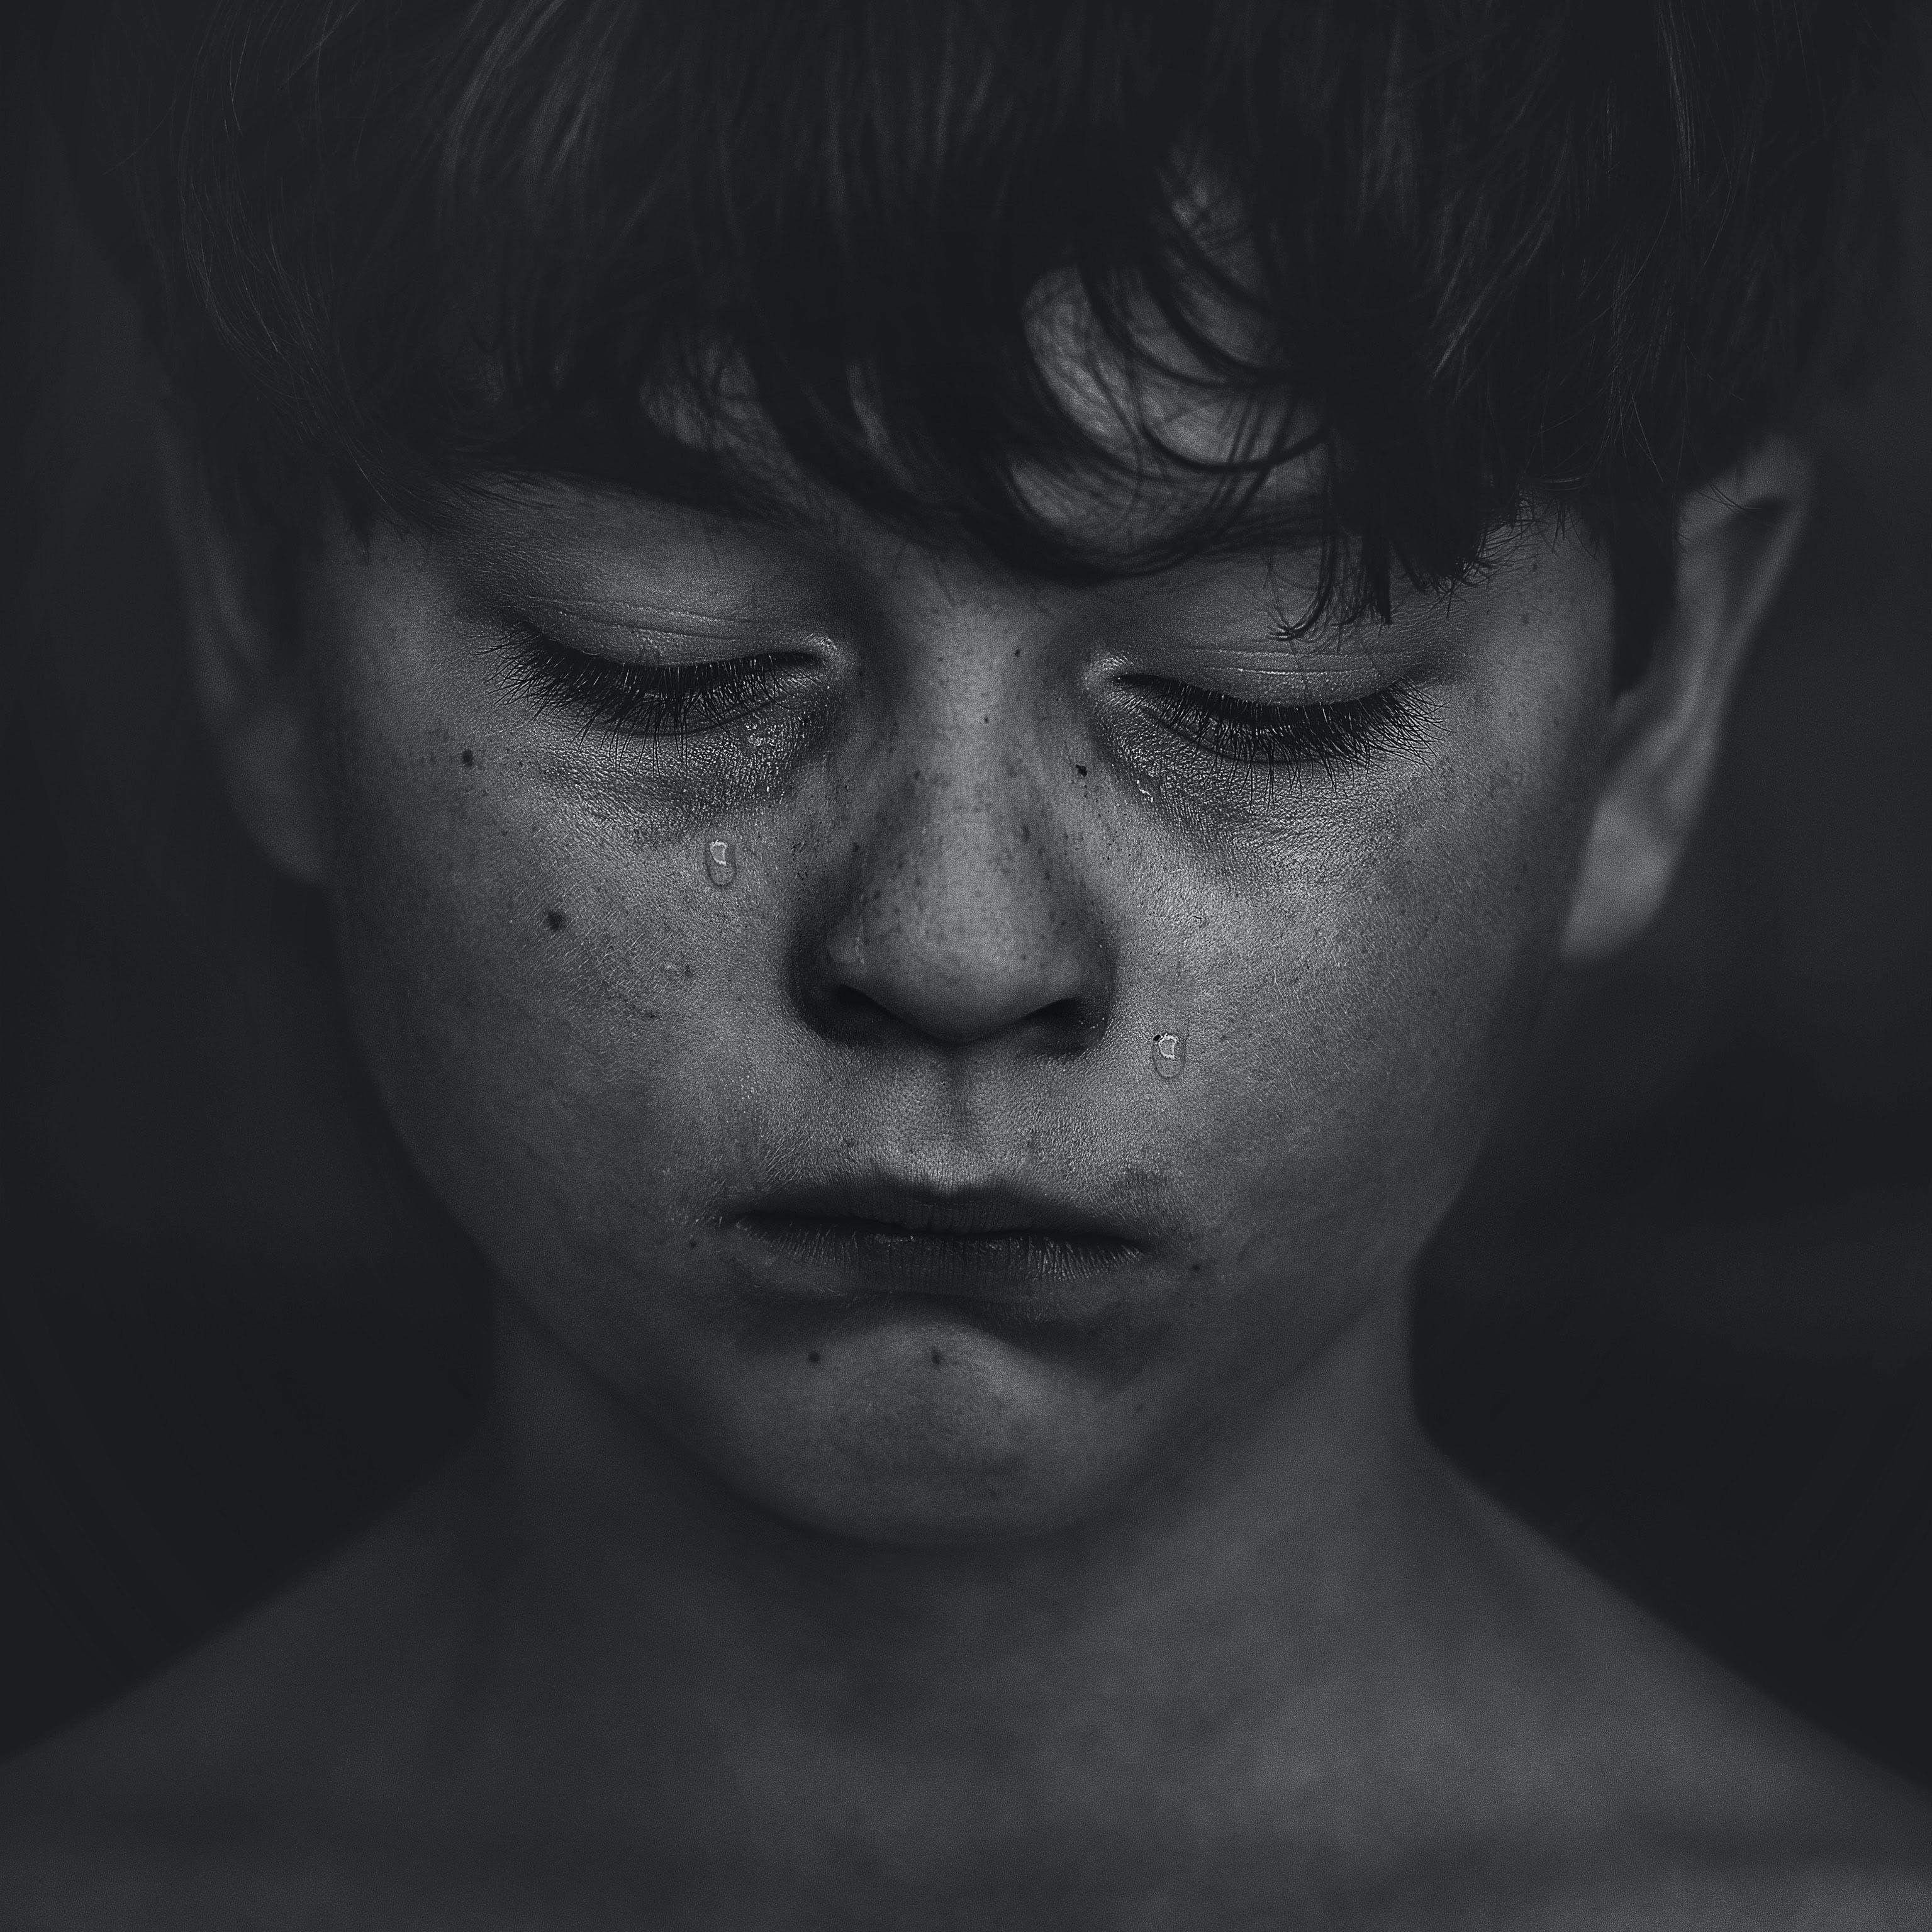 감정, 나체, 눈, 눈물의 무료 스톡 사진